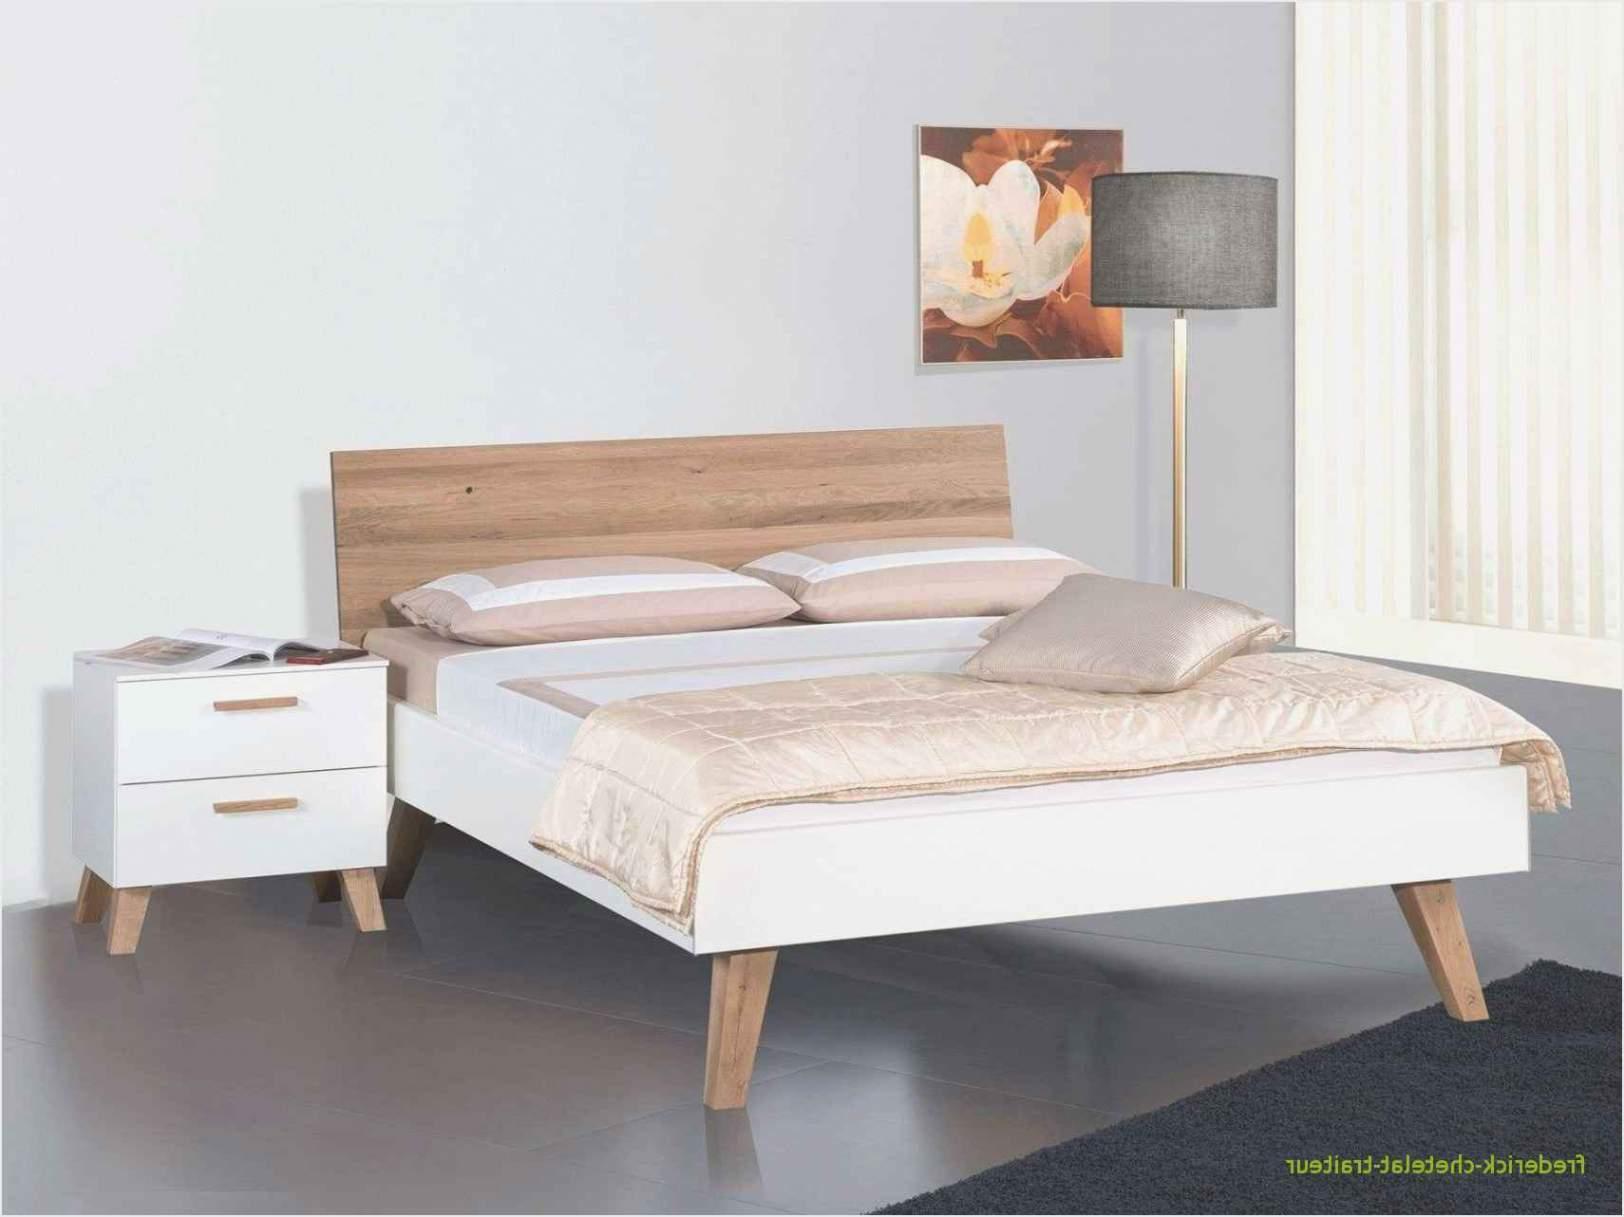 52 luxurios welche farbe fur schlafzimmer rolladenkasten innen verschonern rolladenkasten innen verschonern